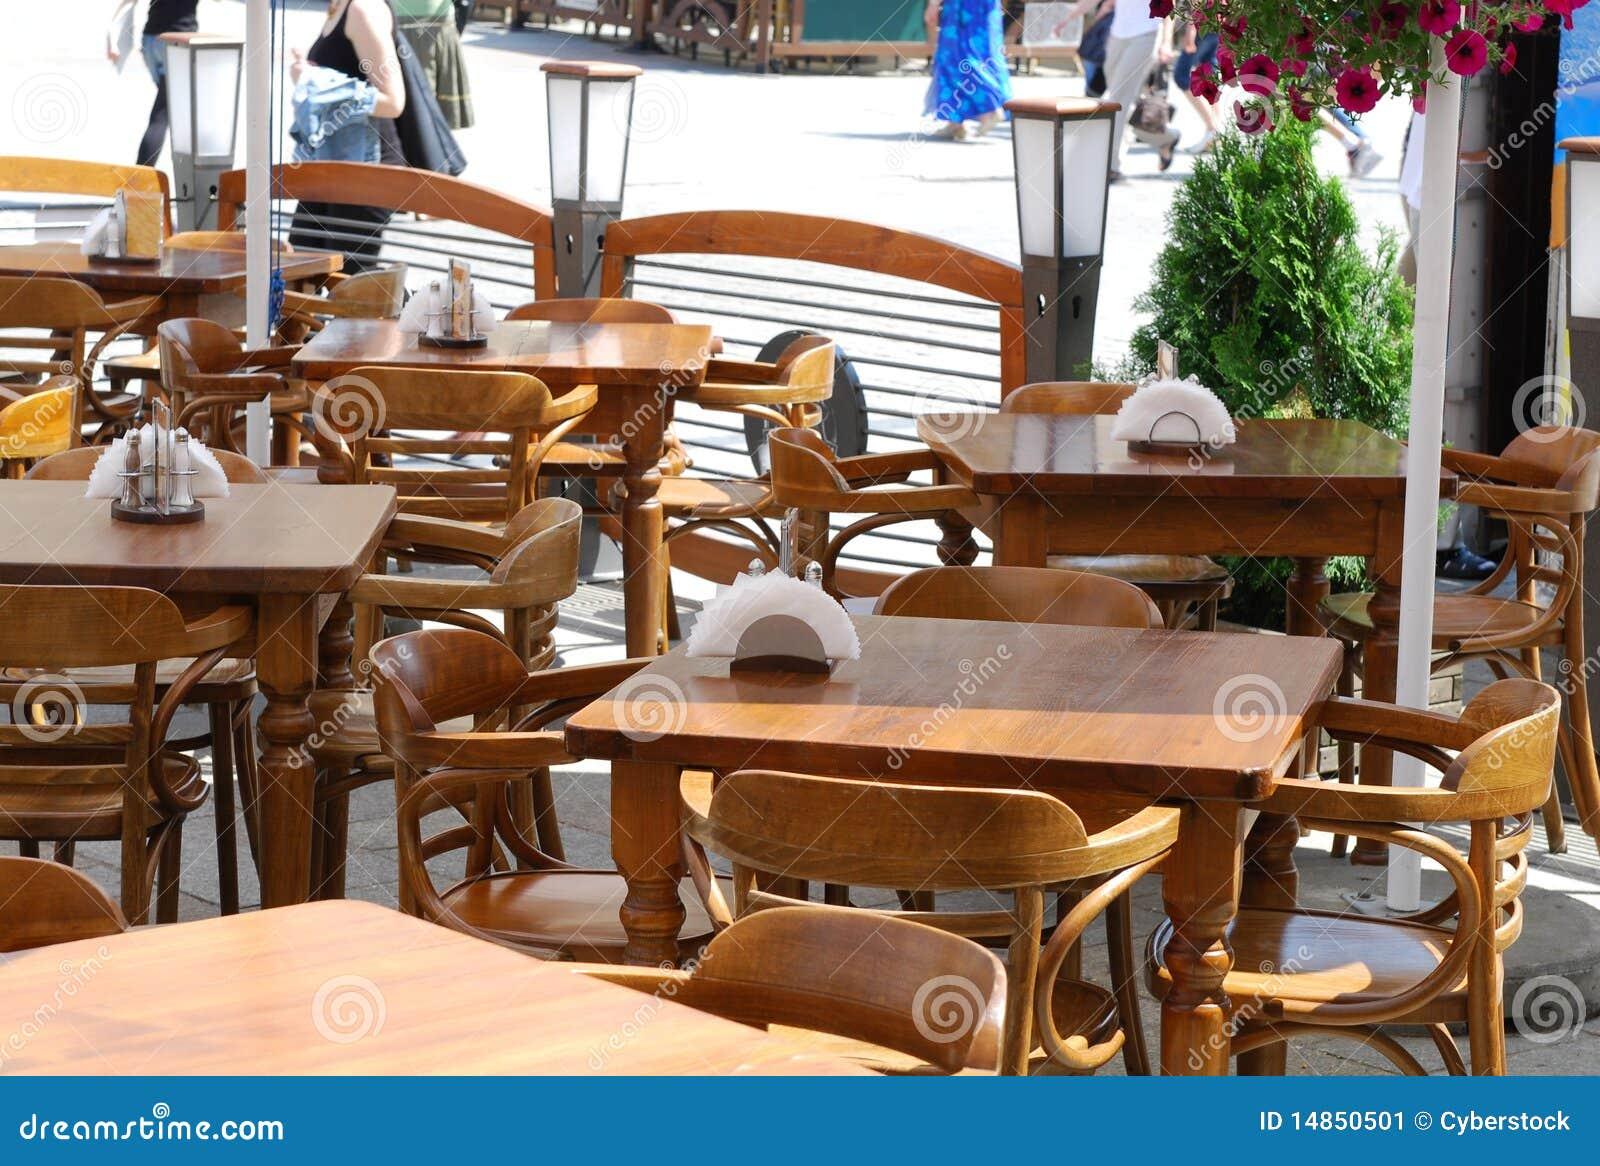 Table in little restaurant